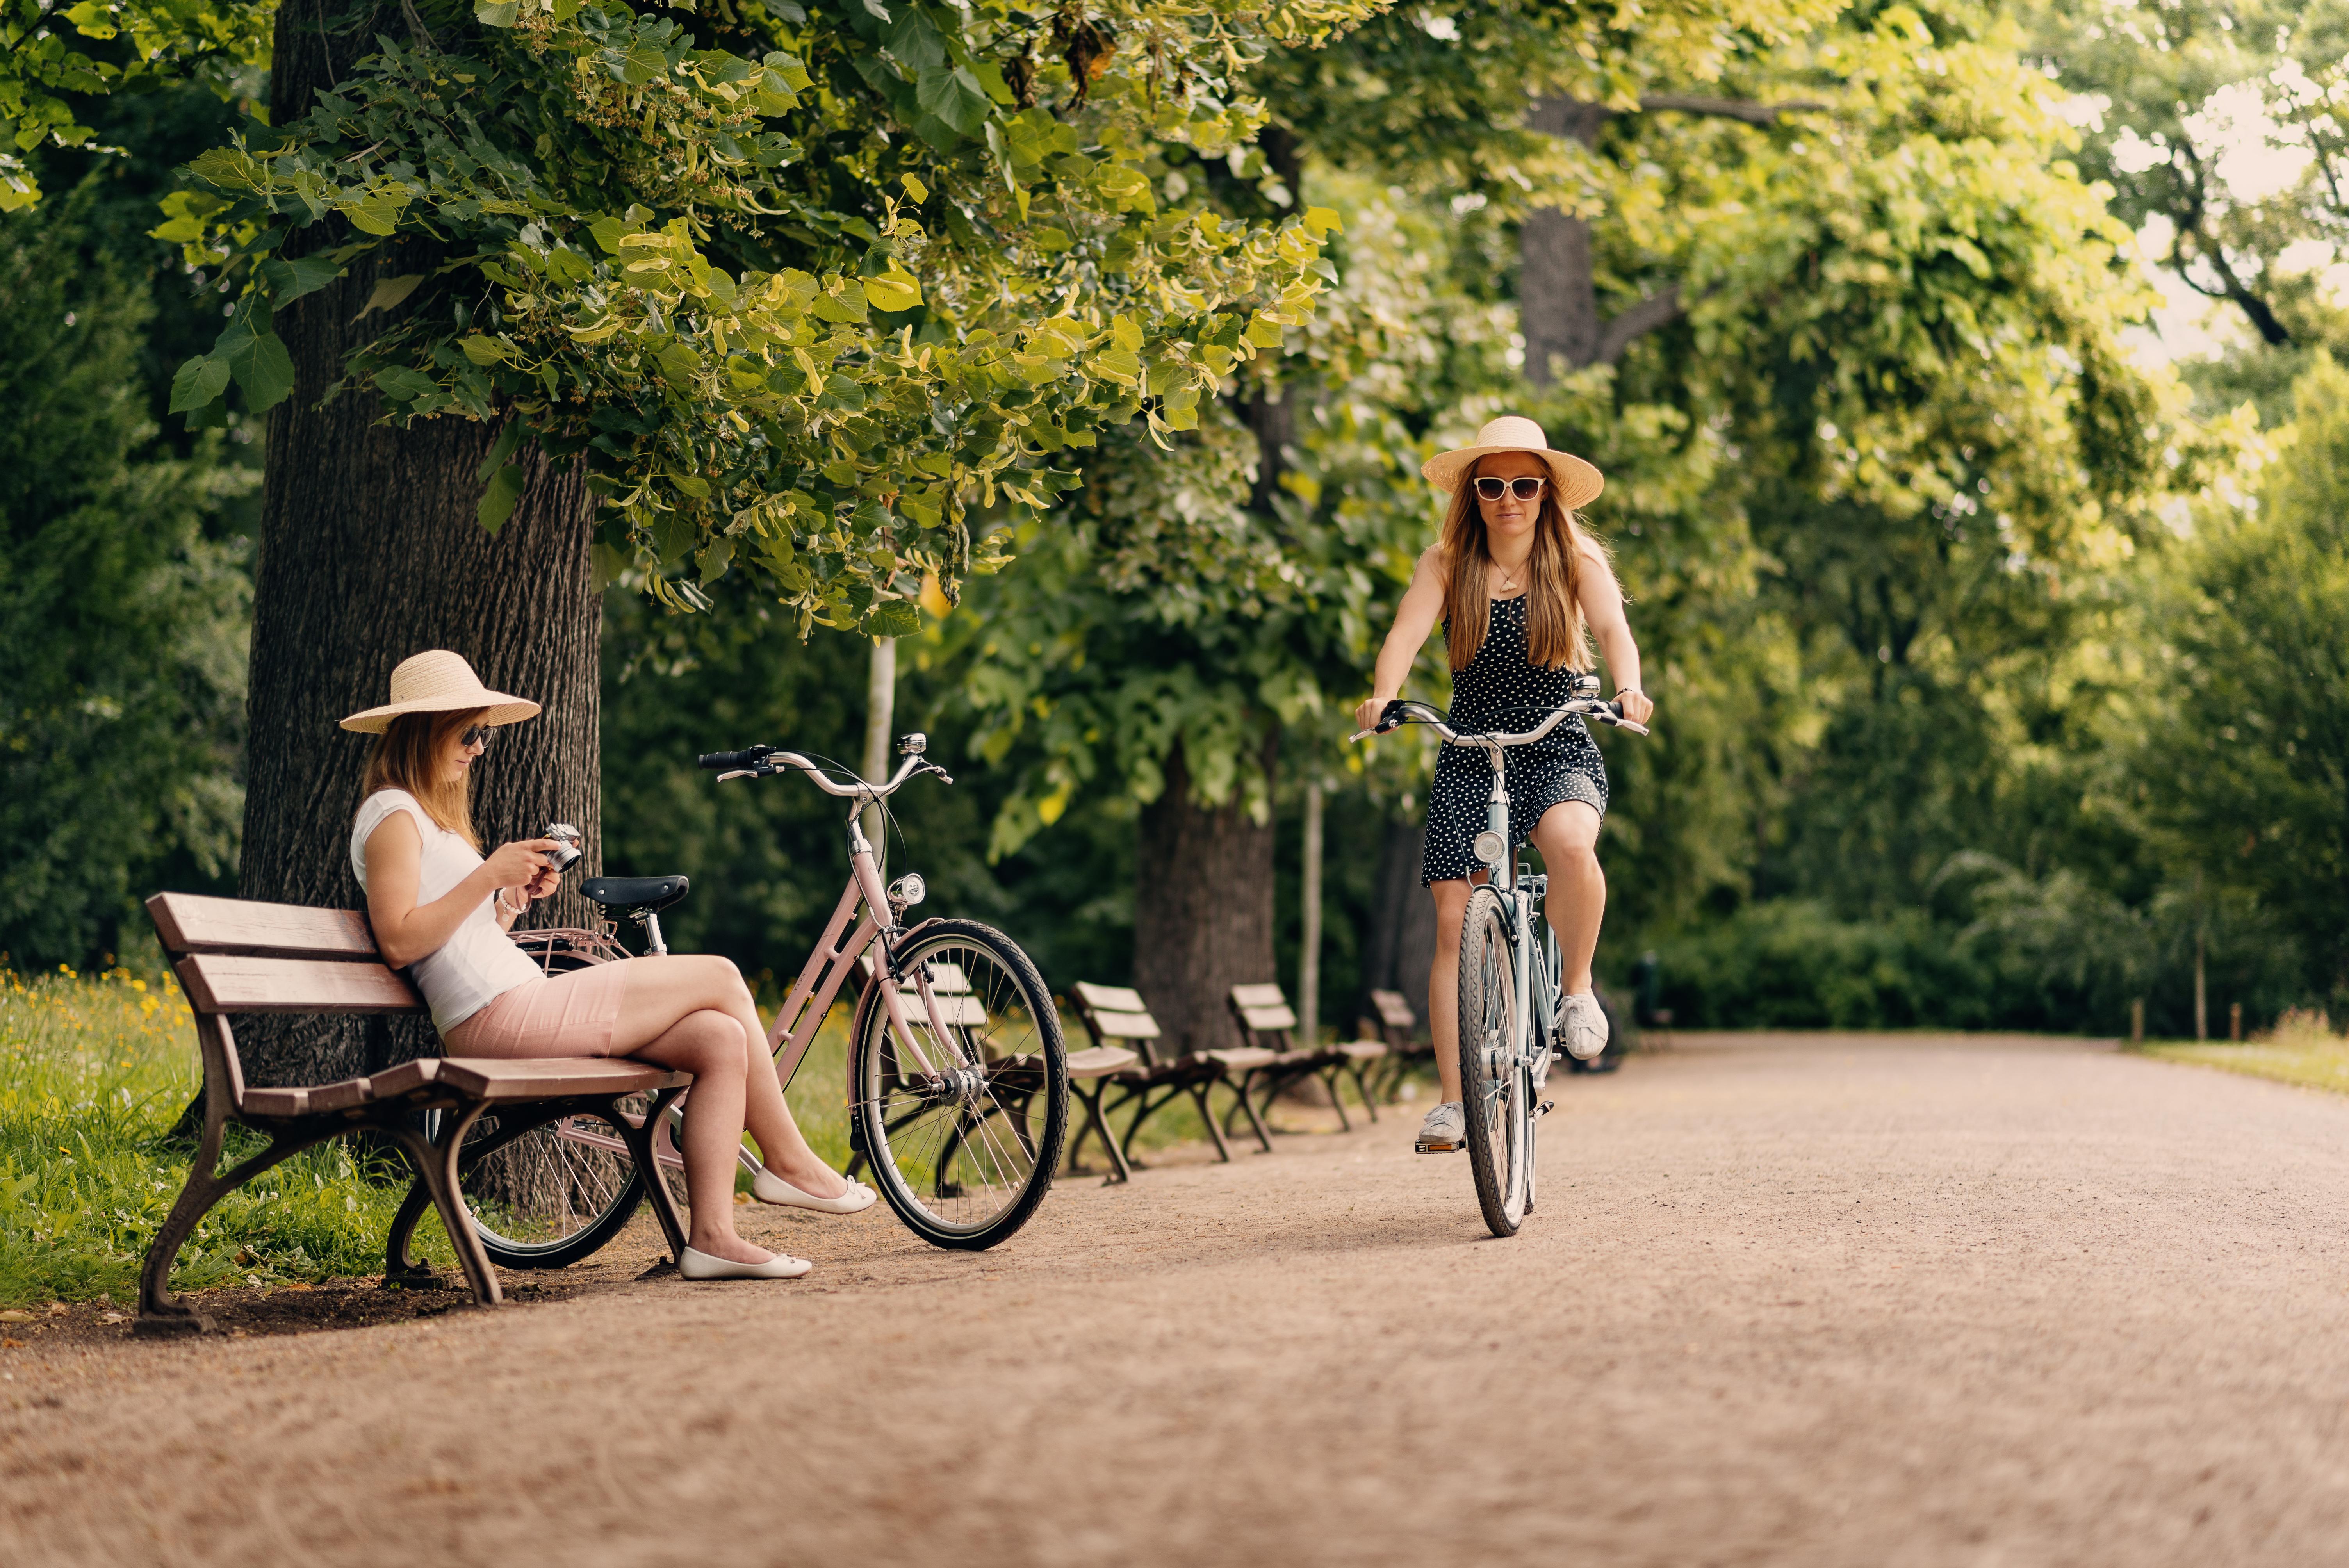 Stadträder on Tour im Clara Zetkin Park